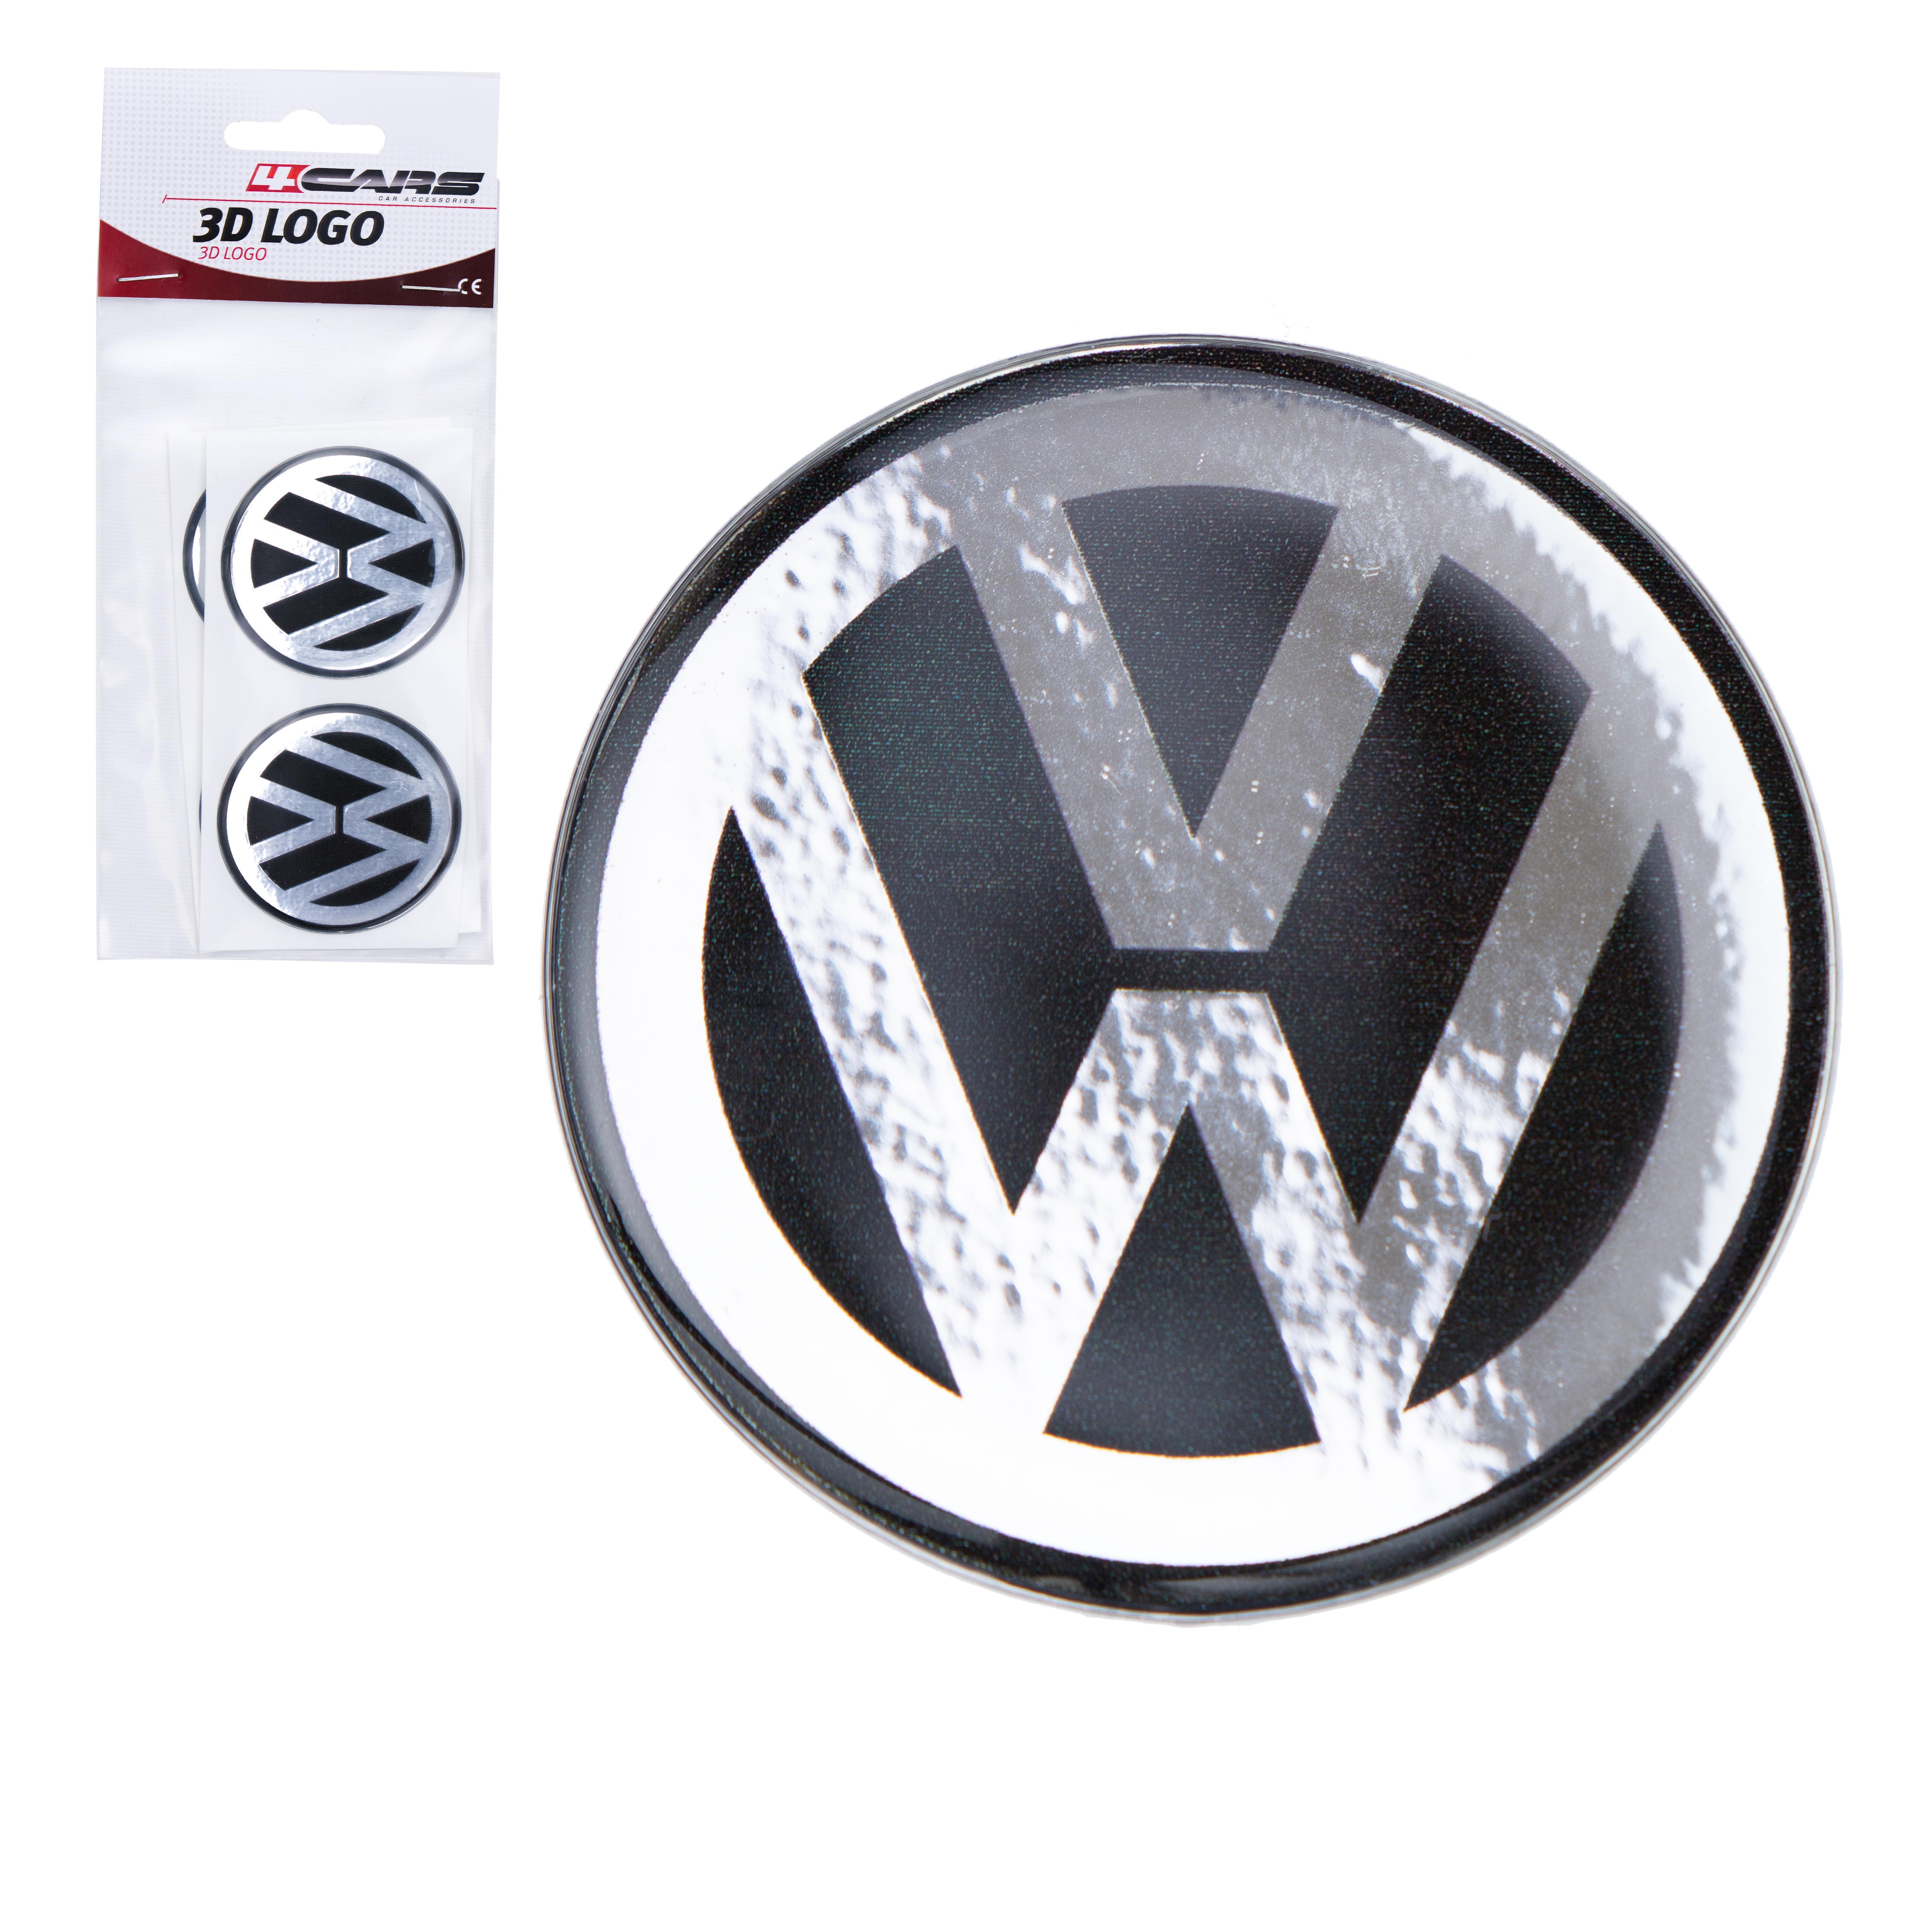 4cars S R O 4cars 3d Car Logo Vw